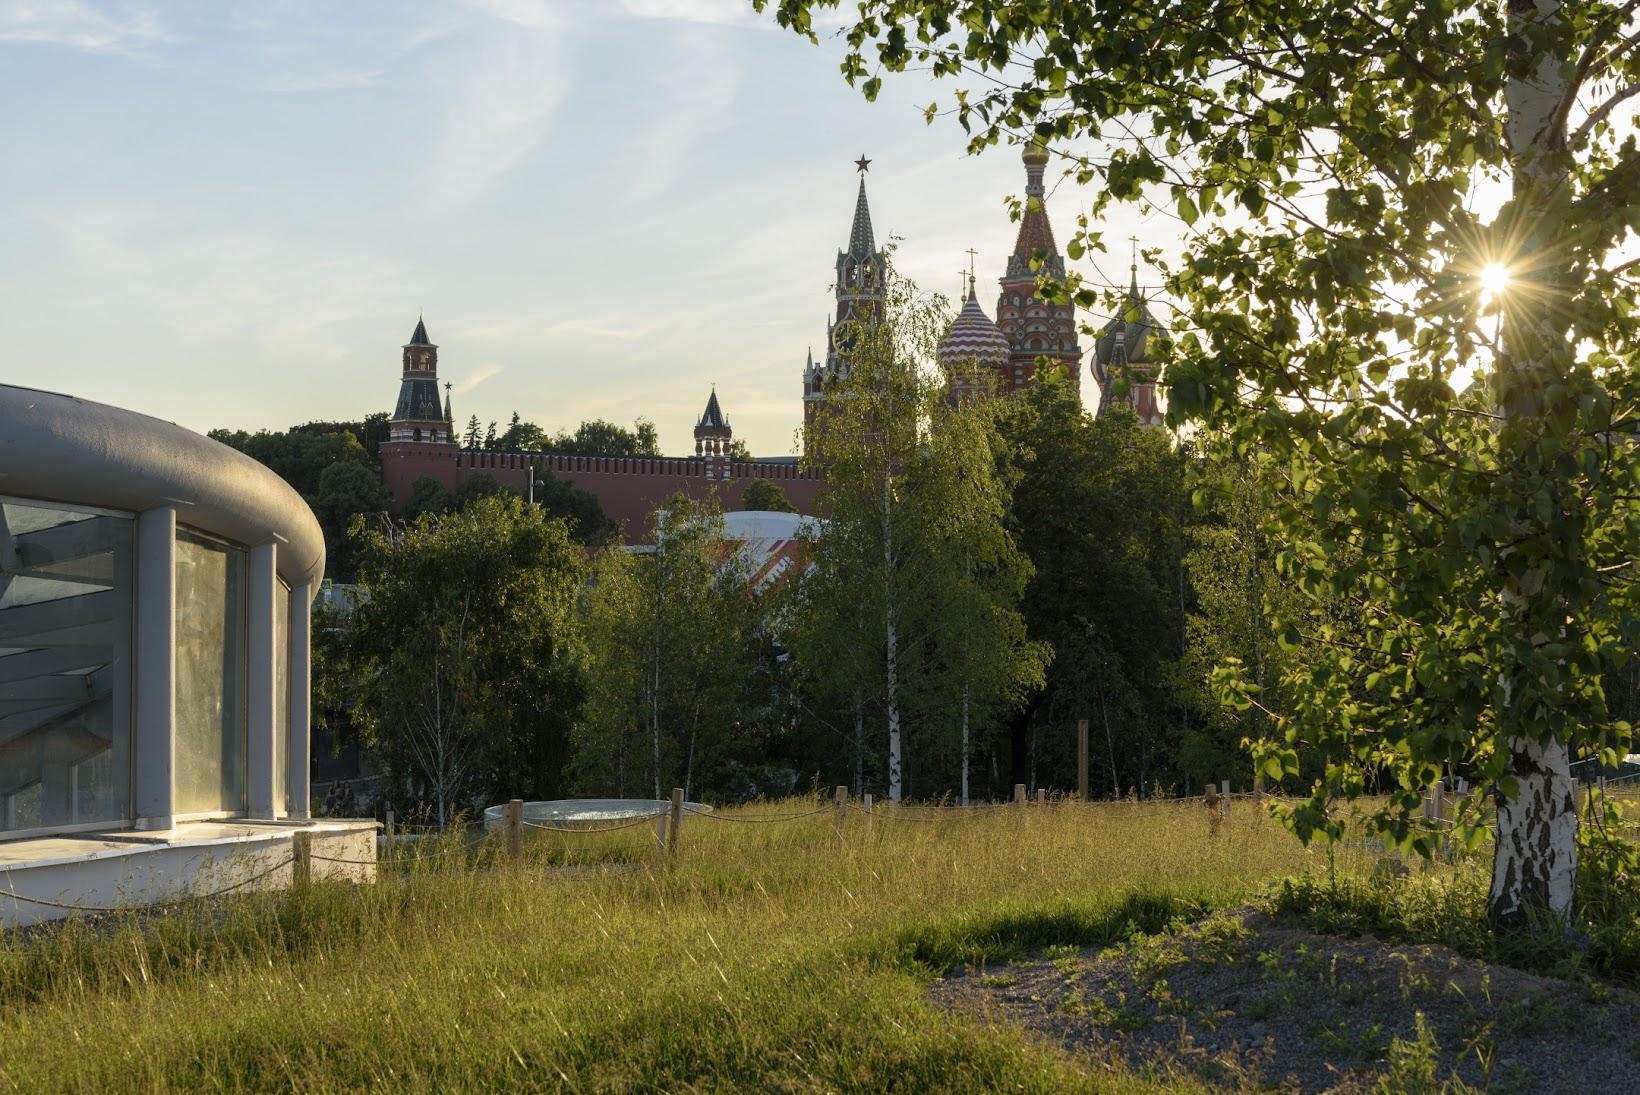 Березки и Кремль в Зарядье.